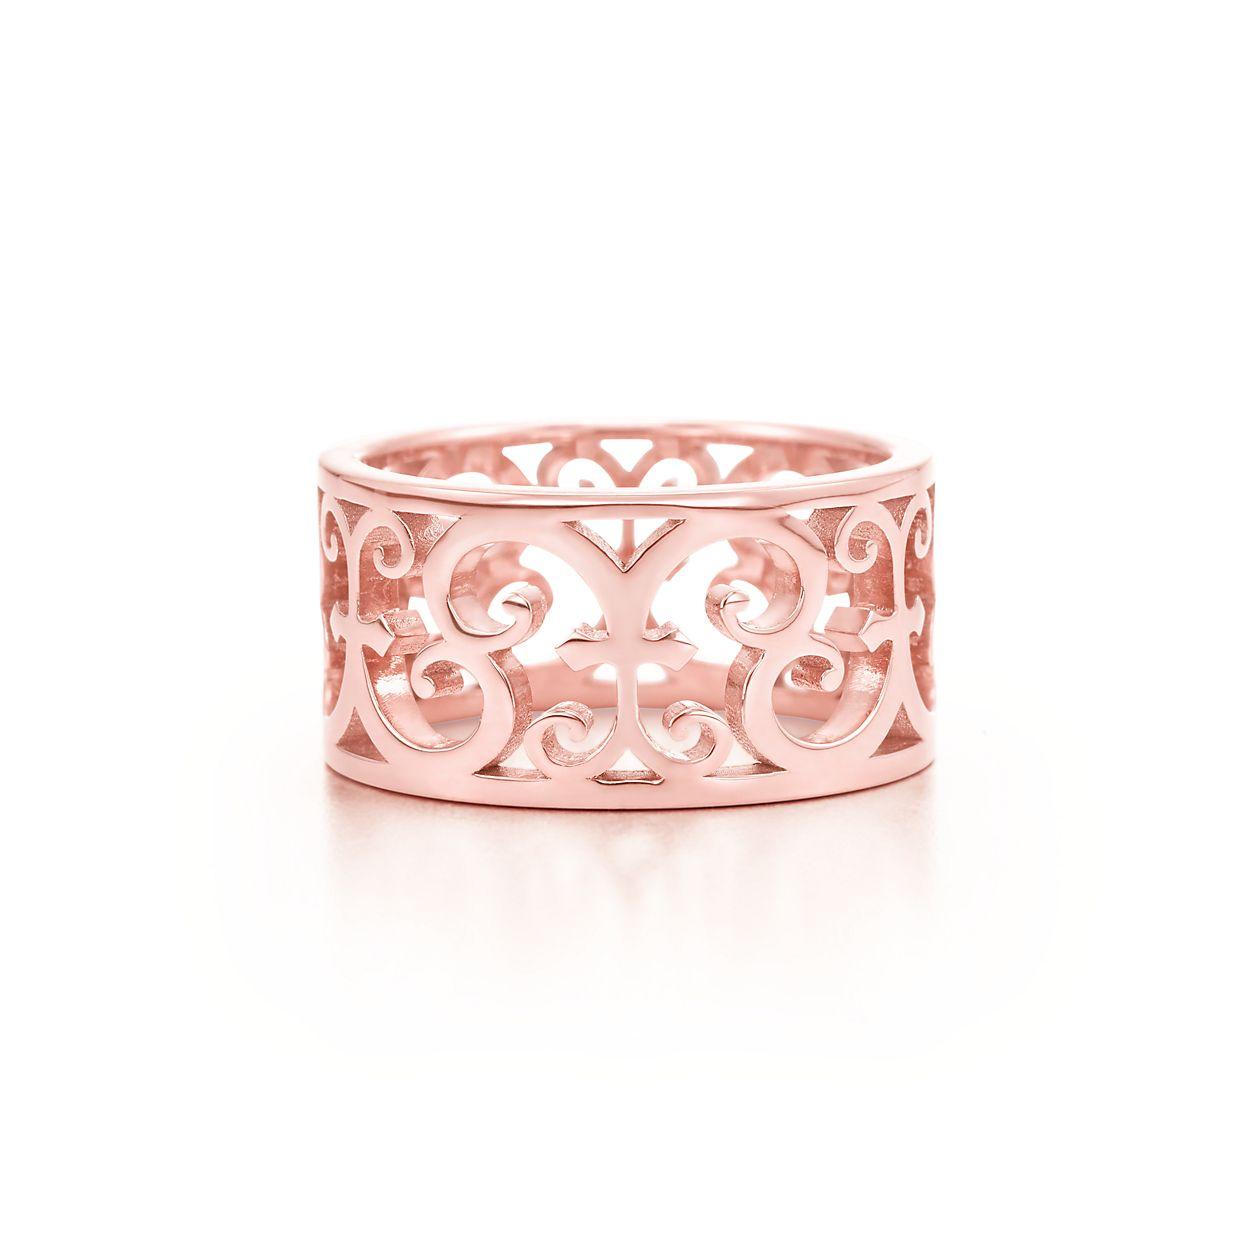 Tiffany Enchant wide ring in Rubedo metal - Size 4 1/2 Tiffany & Co. 62u9q